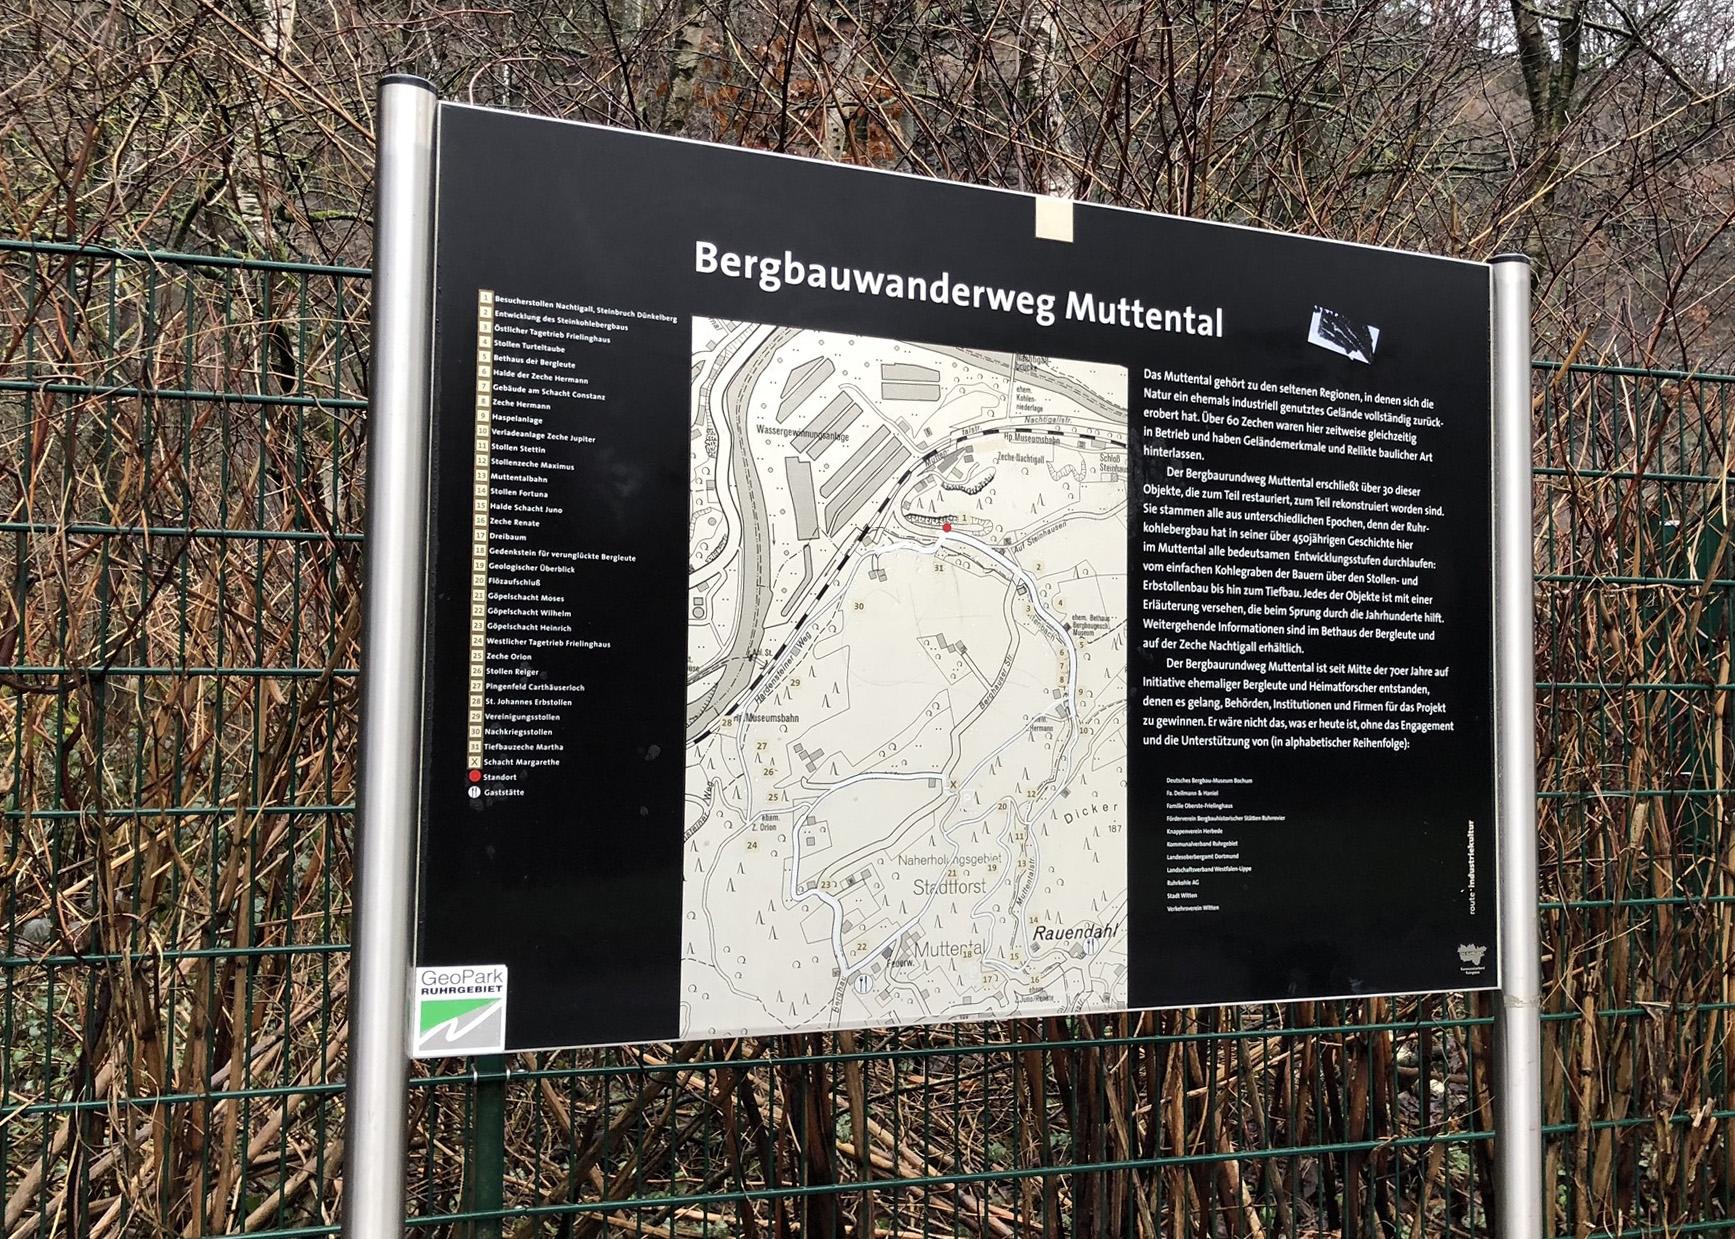 Beschilderung Bergbauwanderweg Muttental in Witten im Ruhrgebiet